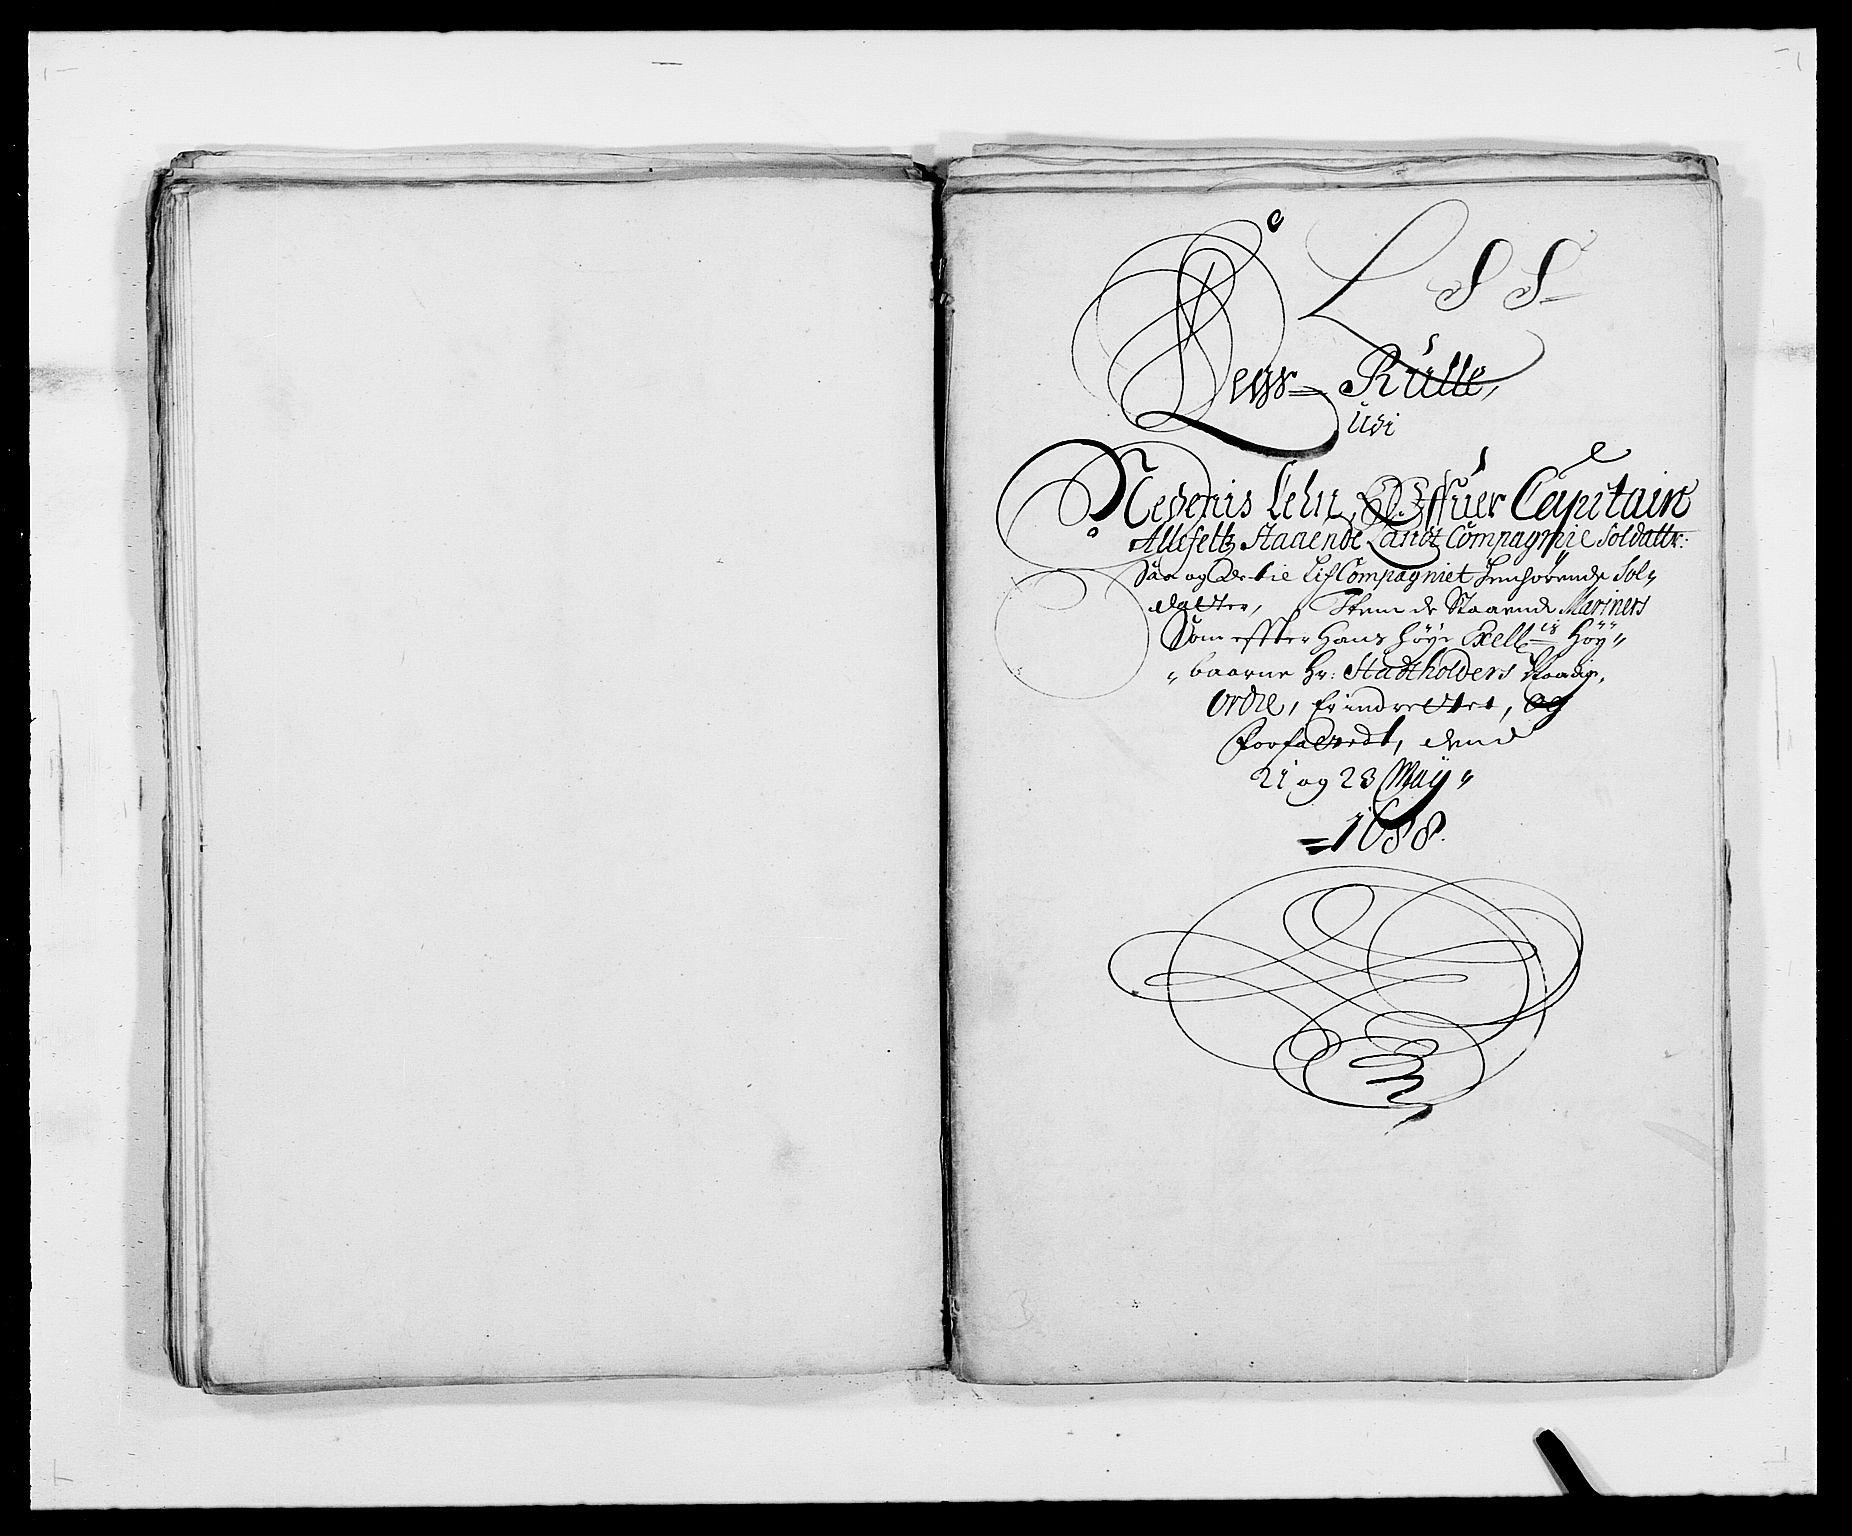 RA, Rentekammeret inntil 1814, Reviderte regnskaper, Fogderegnskap, R39/L2309: Fogderegnskap Nedenes, 1684-1689, s. 200